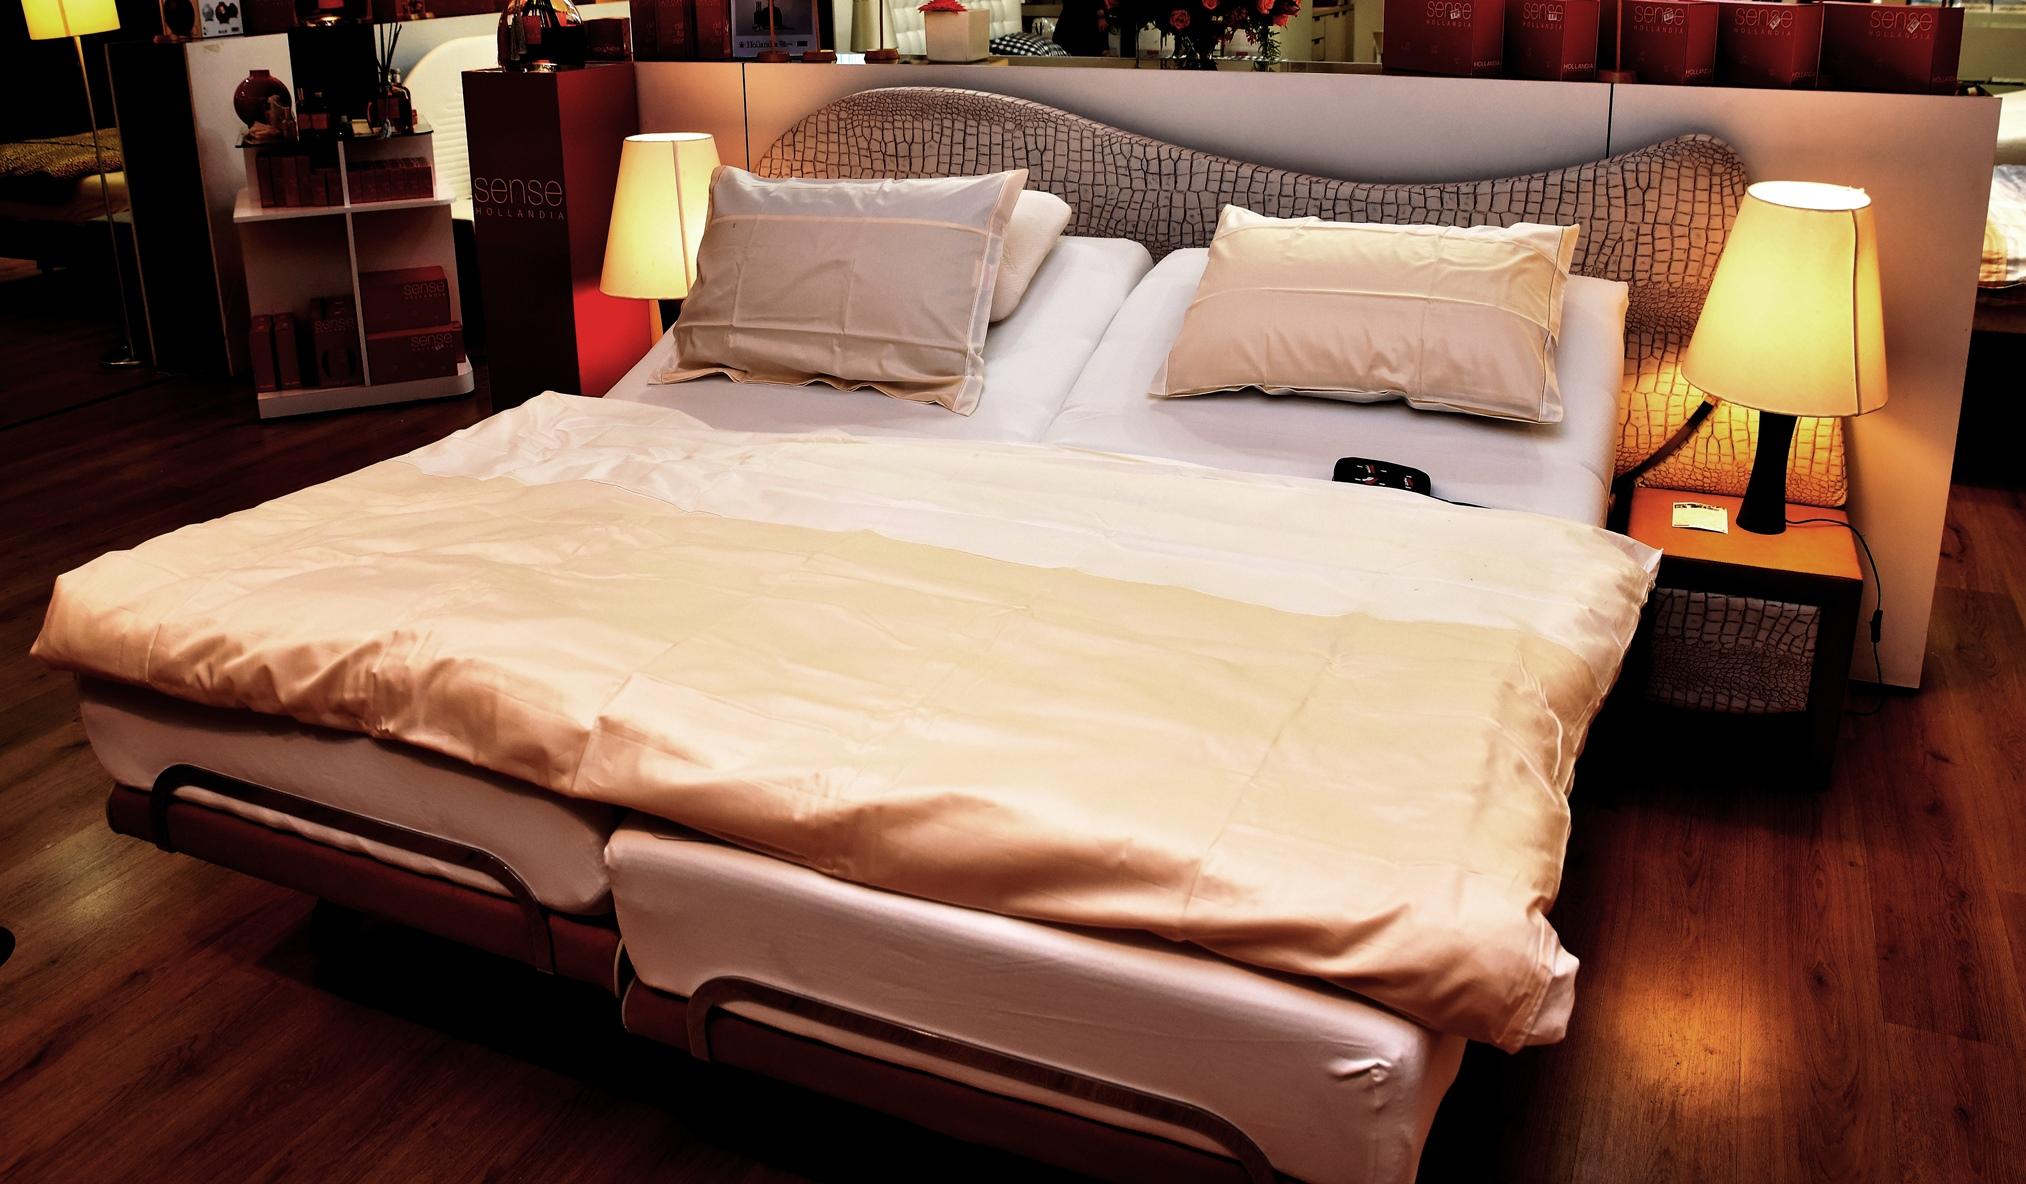 הולנדיה. אפליקציה חדשה לשינה טובה. צילום אילן אמויאל